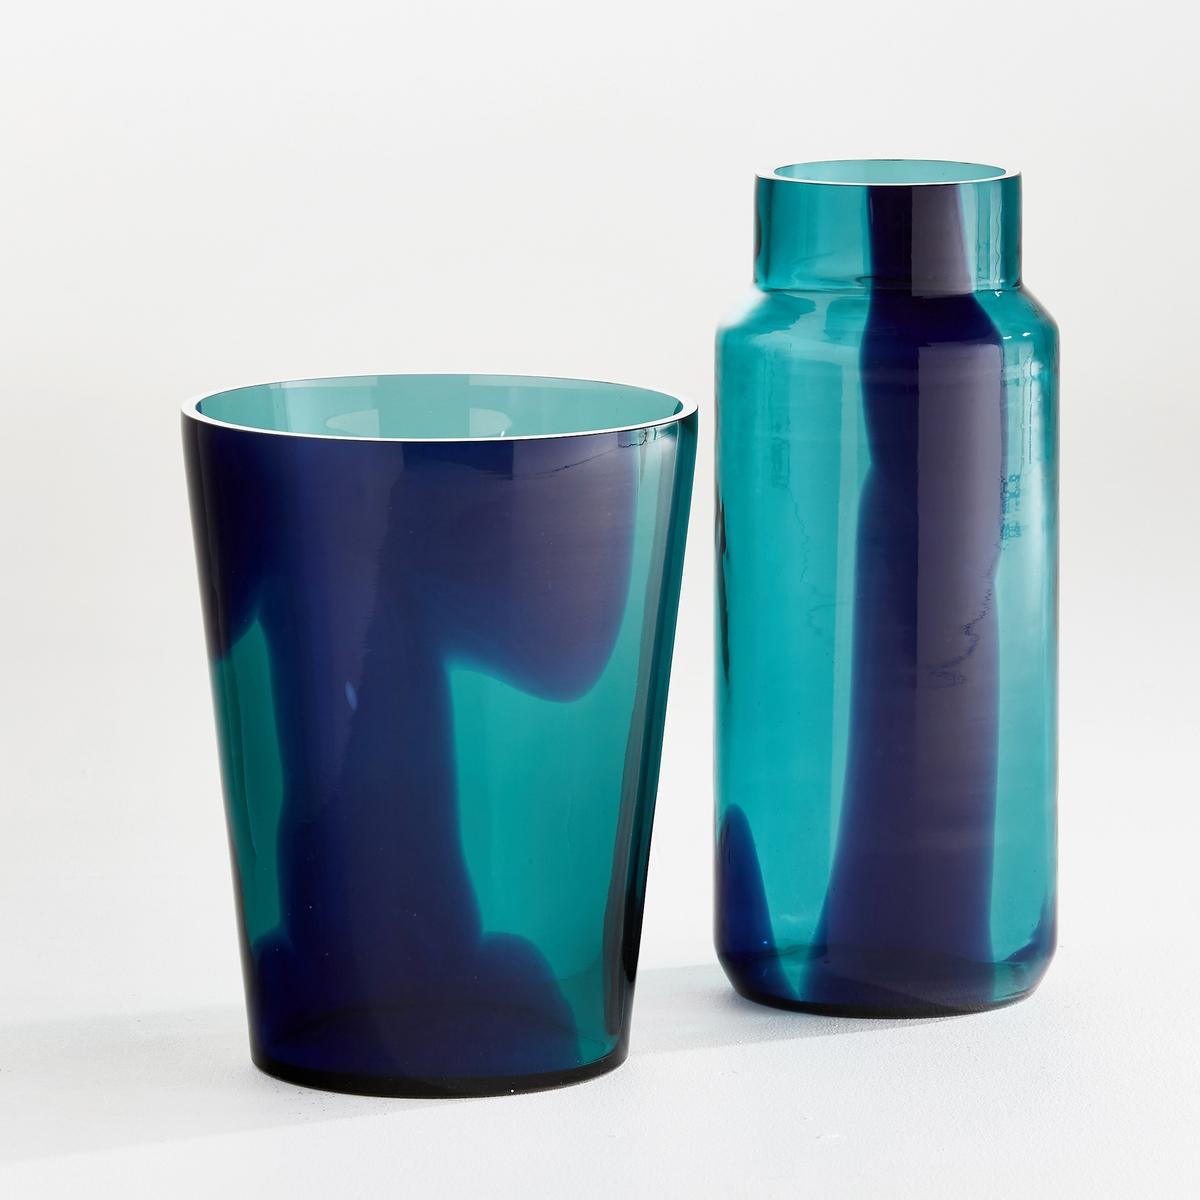 Ваза в форме бутыли, OdomarВаза Odomar. Очень красивый эффект капель краски, растворяющихся в бирюзовой воде... Из стекла. Размеры. : Диаметр 13,5 x высота 34,5 см.<br><br>Цвет: зеленый/ синий,янтарь